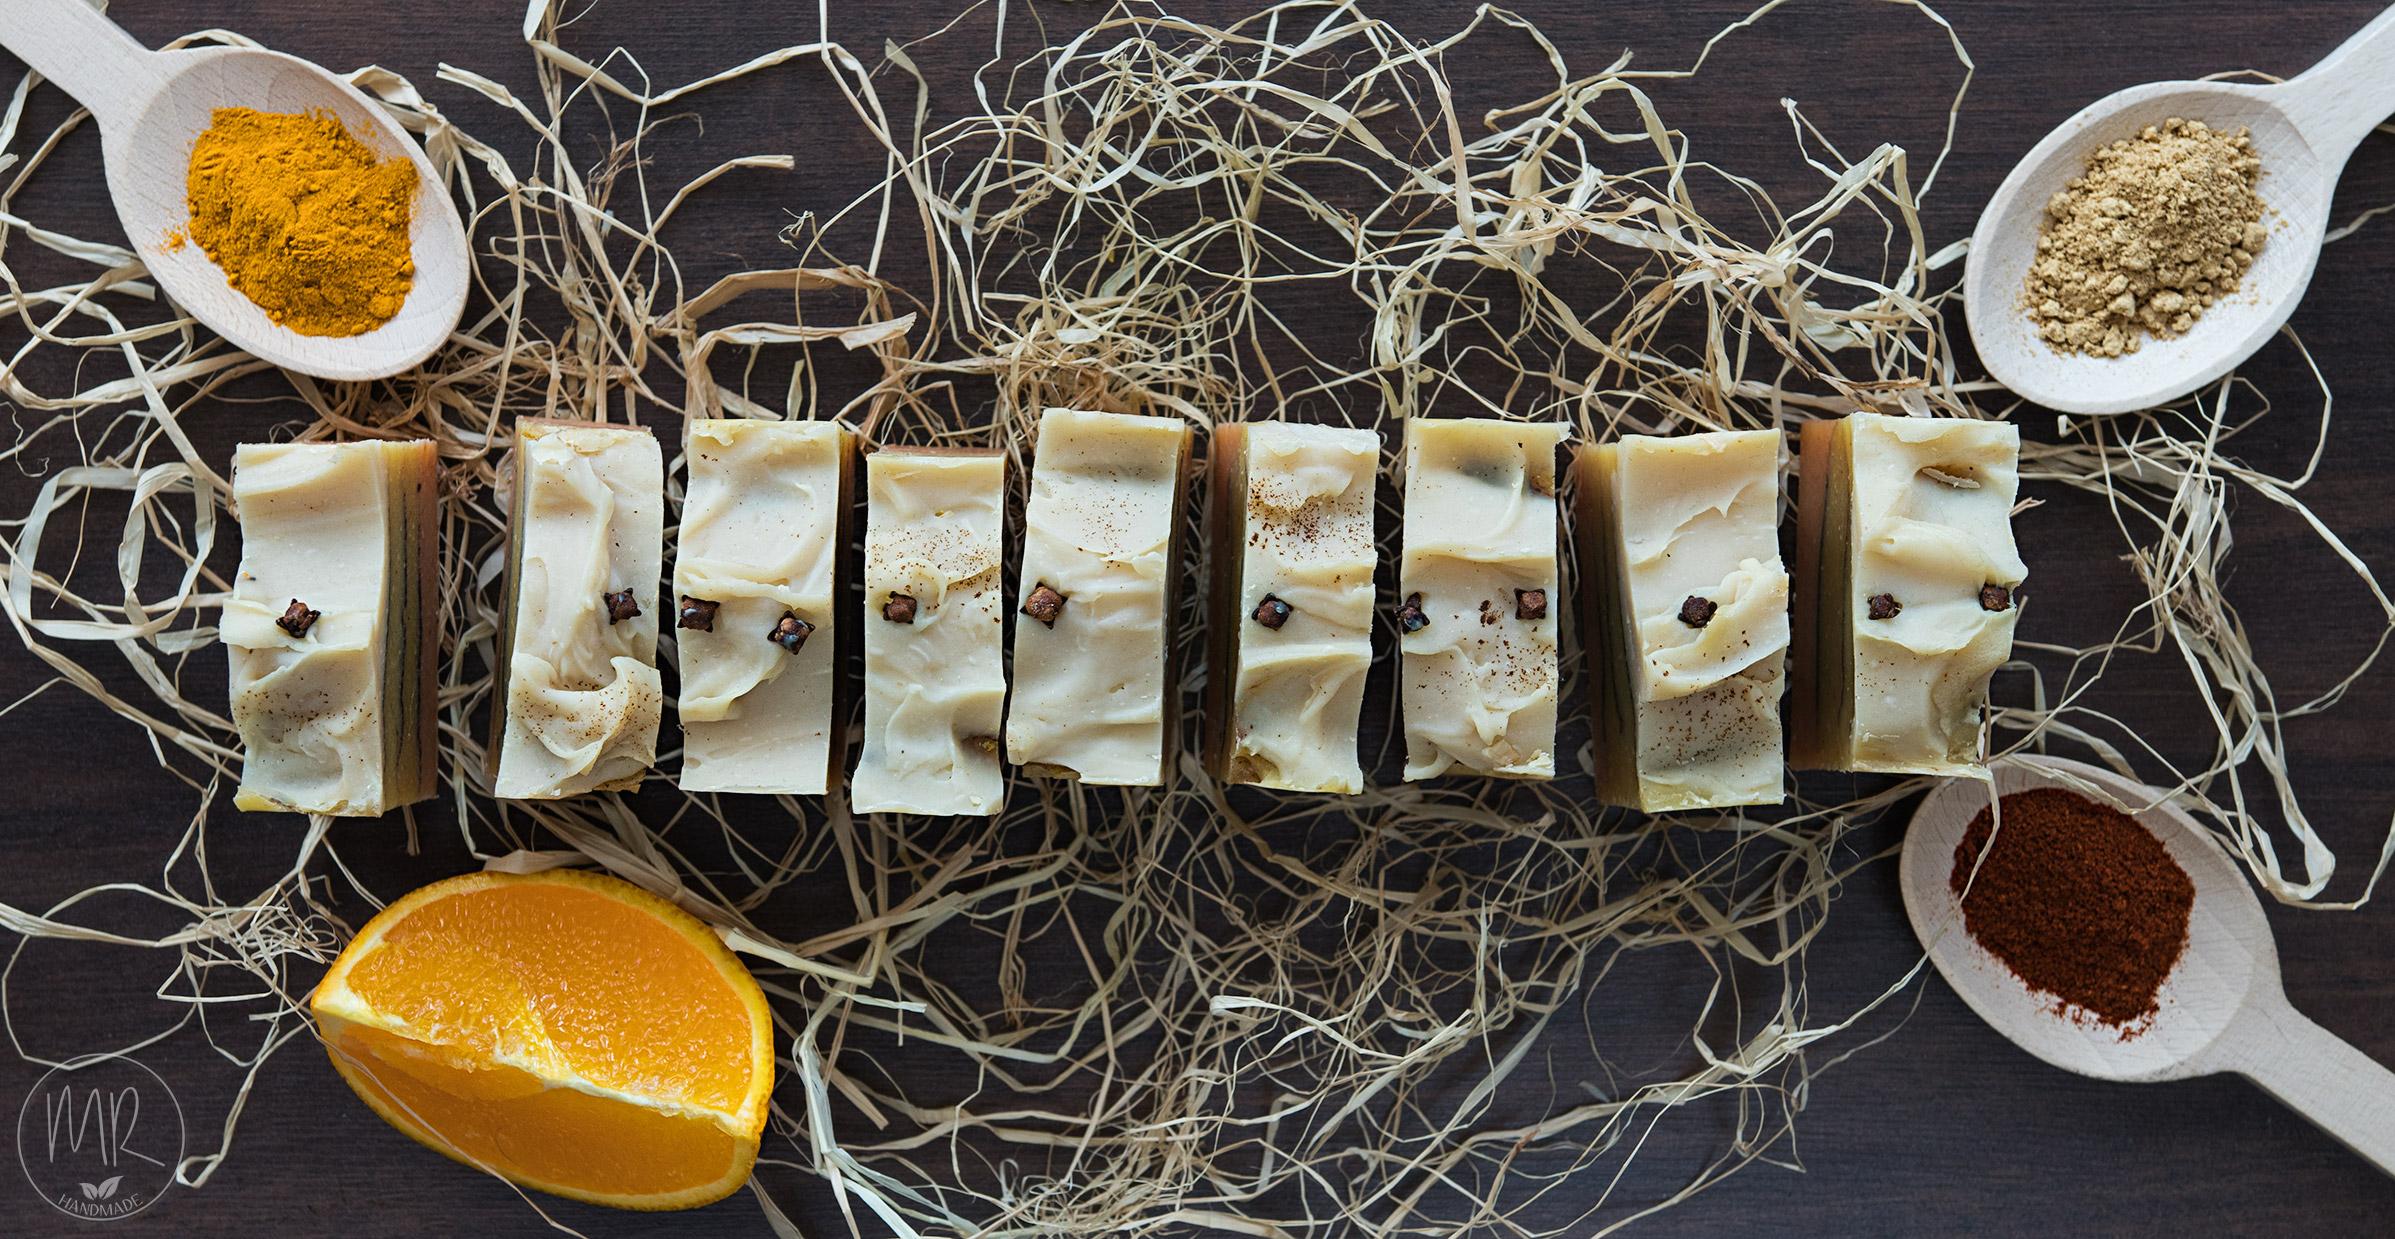 Naturalne mydło pomarańczowe